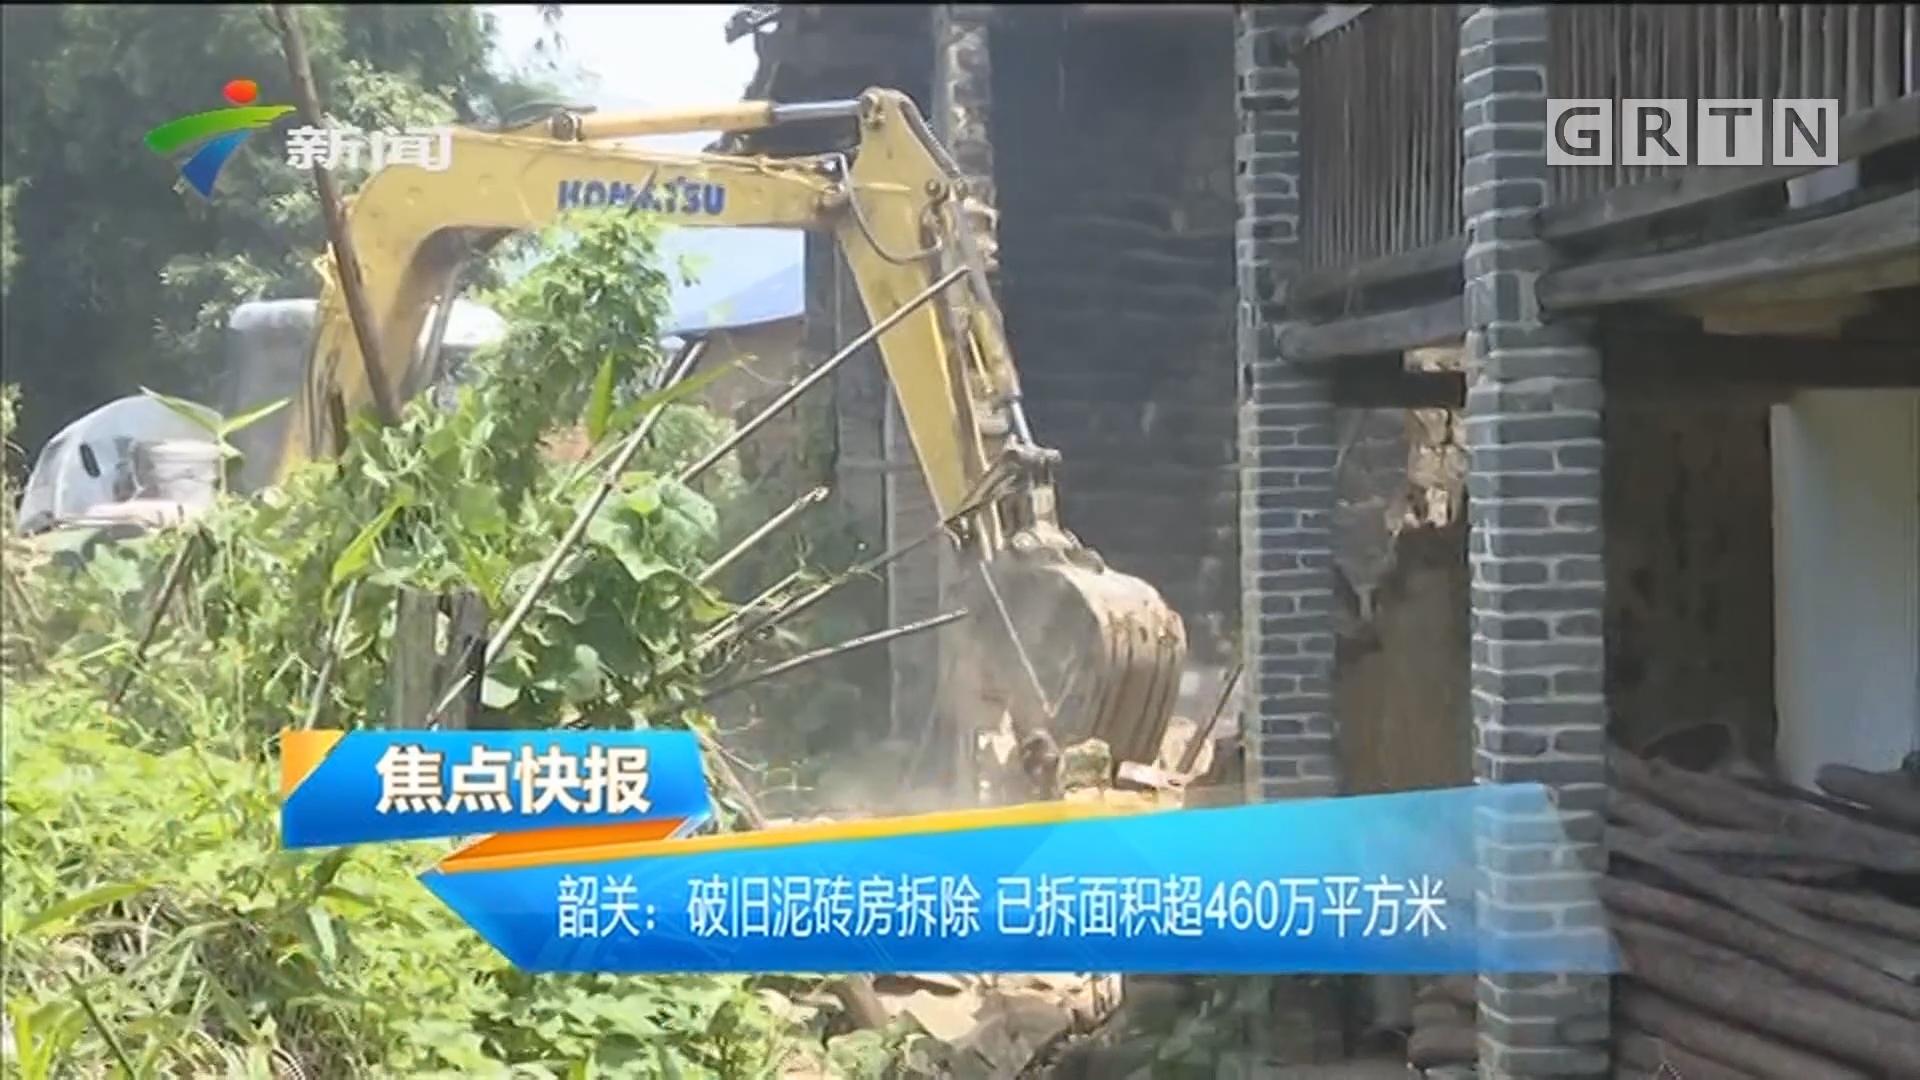 韶关:破旧泥砖房拆除 已拆面积超460万平方米